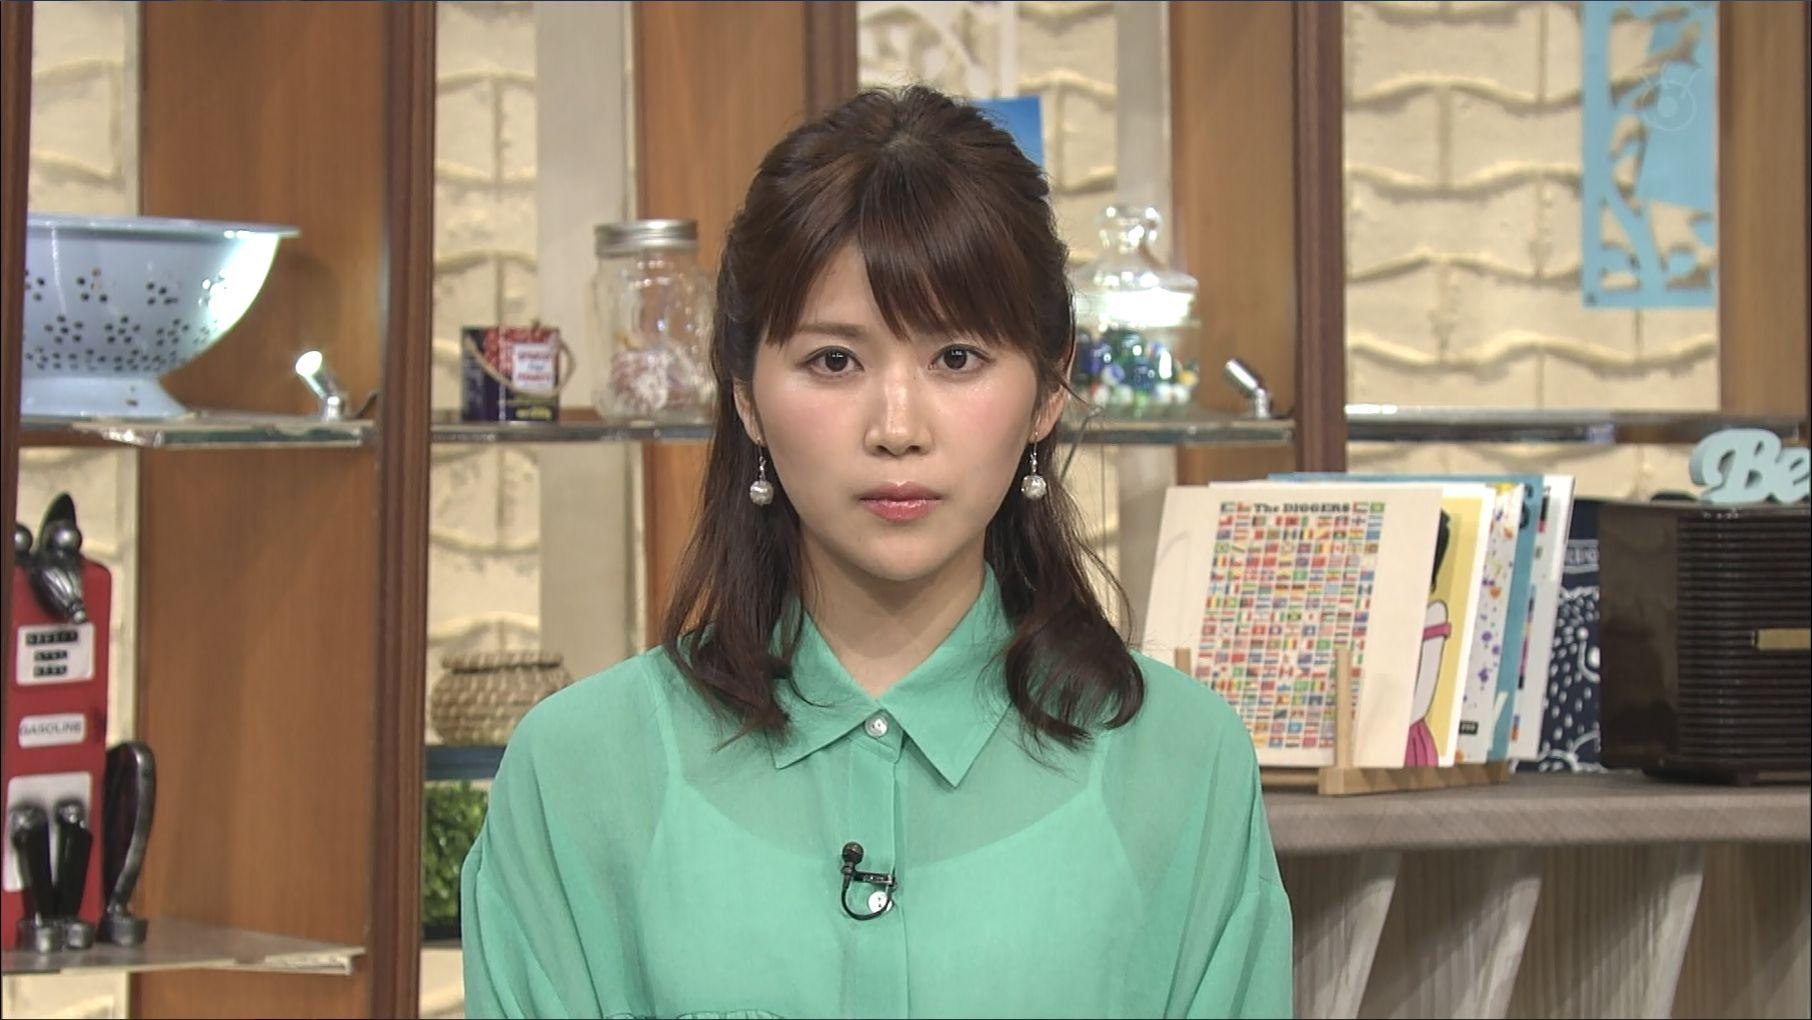 竹内友佳 ユアタイム 17/05/05:女子アナキャプでも貼っておく ~Optimistic Attraction~